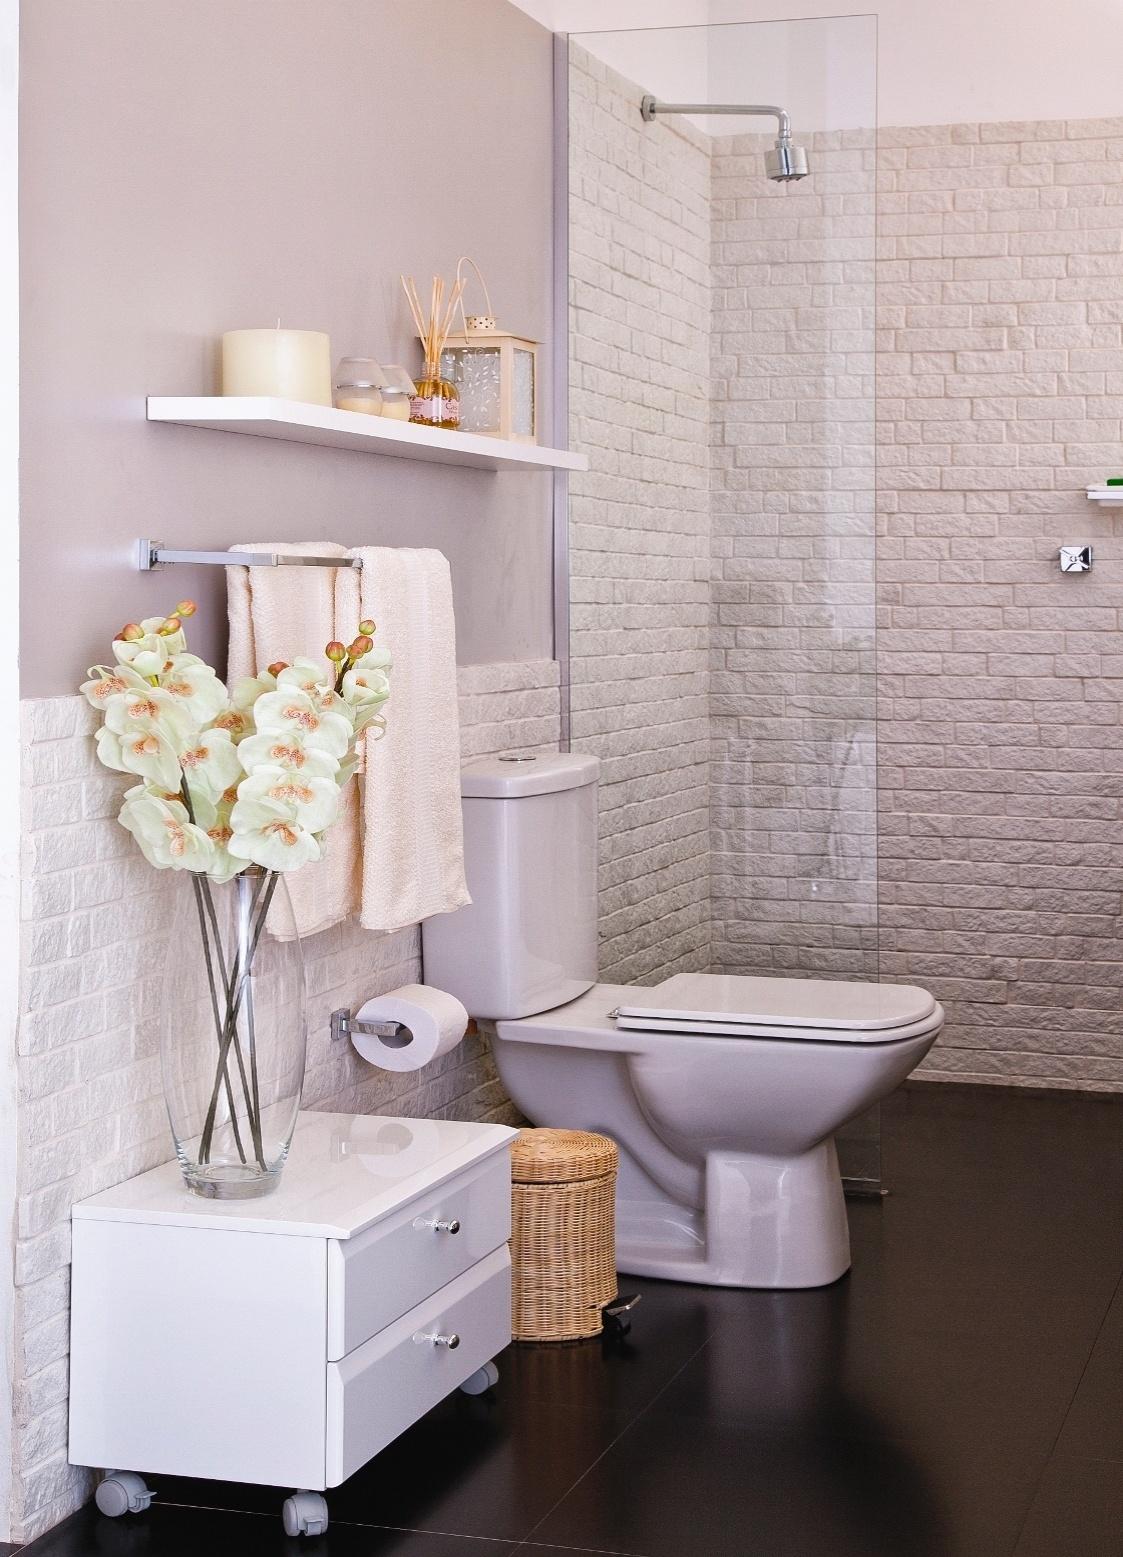 Banheiro Pequeno Casa e Decoração UOL Mulher #856146 1123 1557